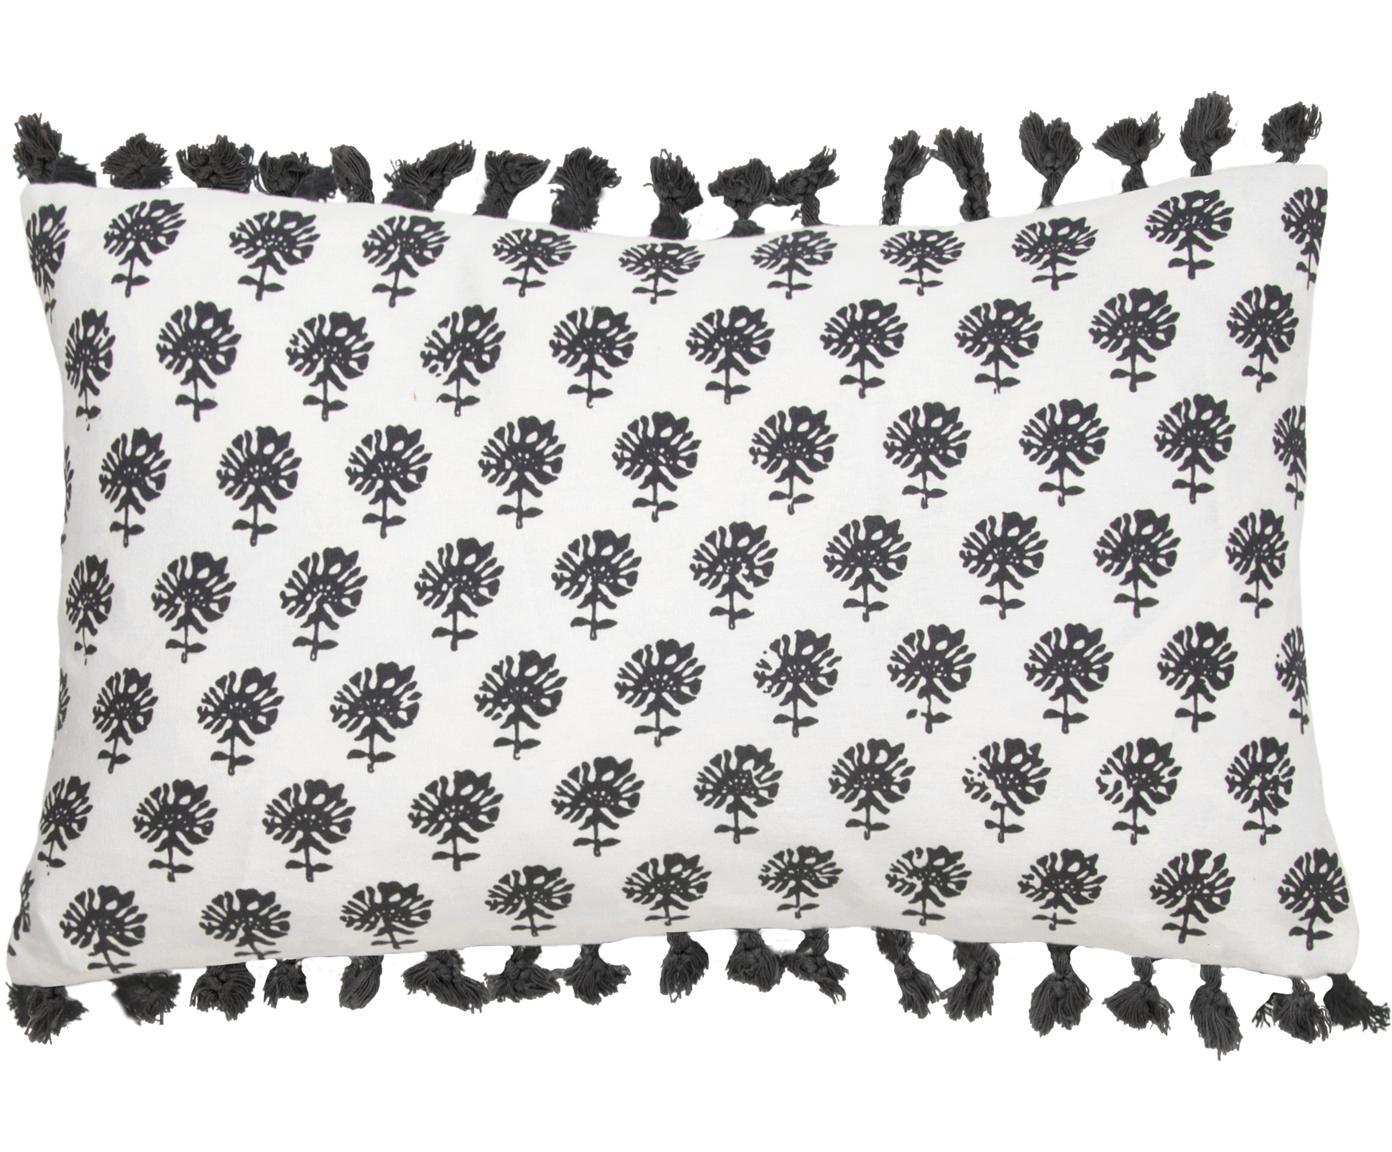 Poszewka na poduszkę z chwostami Poesy, 100% bawełna, Biały, czarny, S 30 x D 50 cm